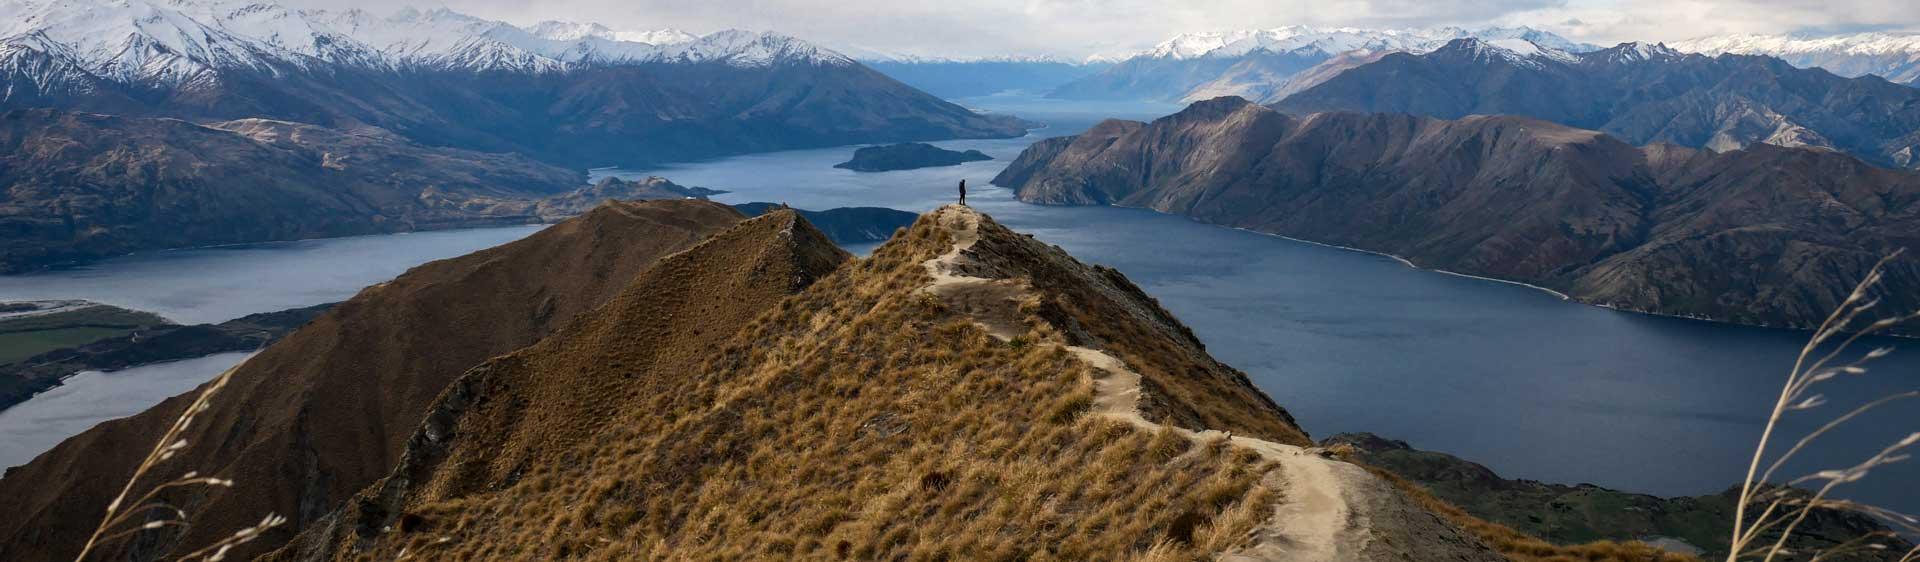 Neuseeland Roys peak nachhaltig reisen bewusst berge See Aussicht